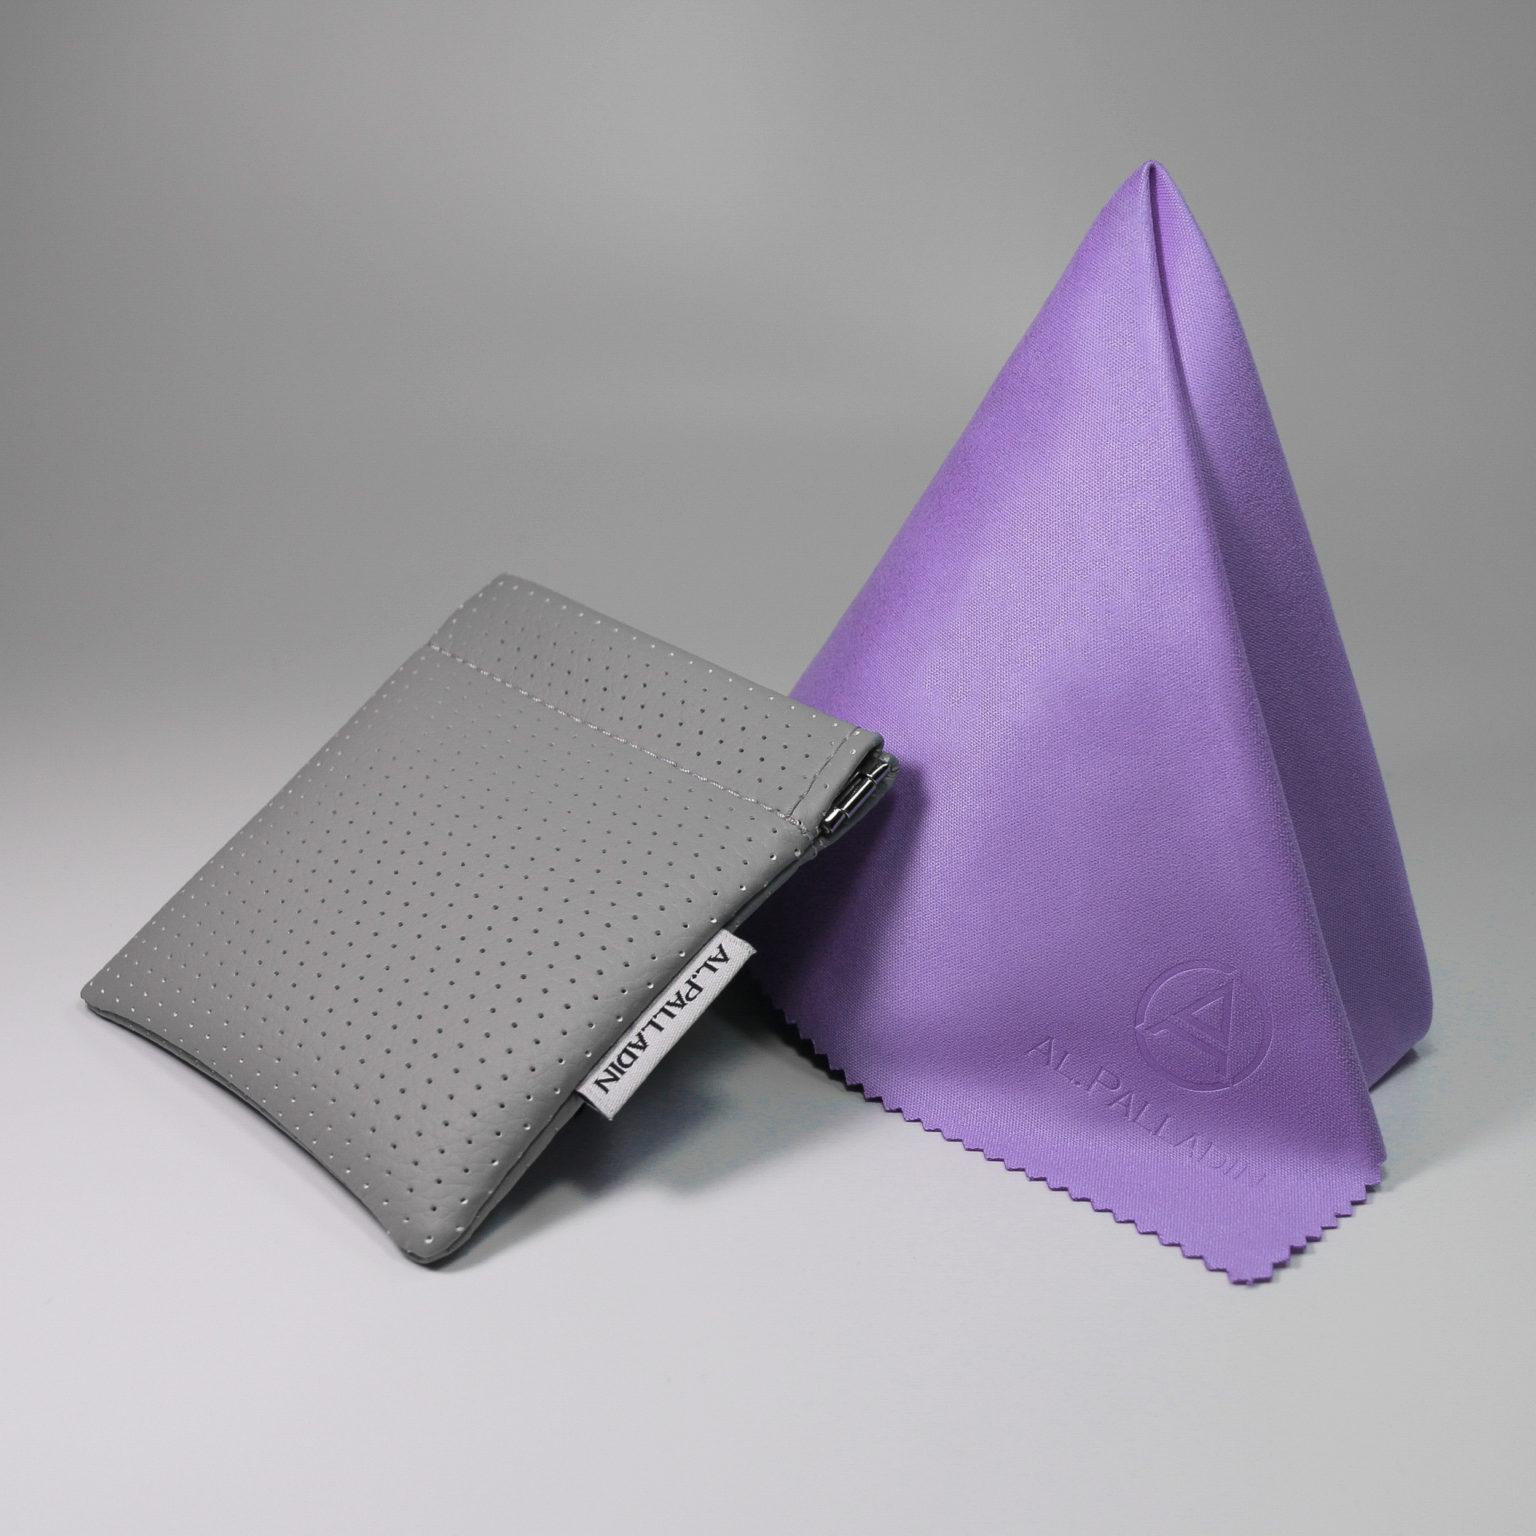 violetsunset nanoplatok